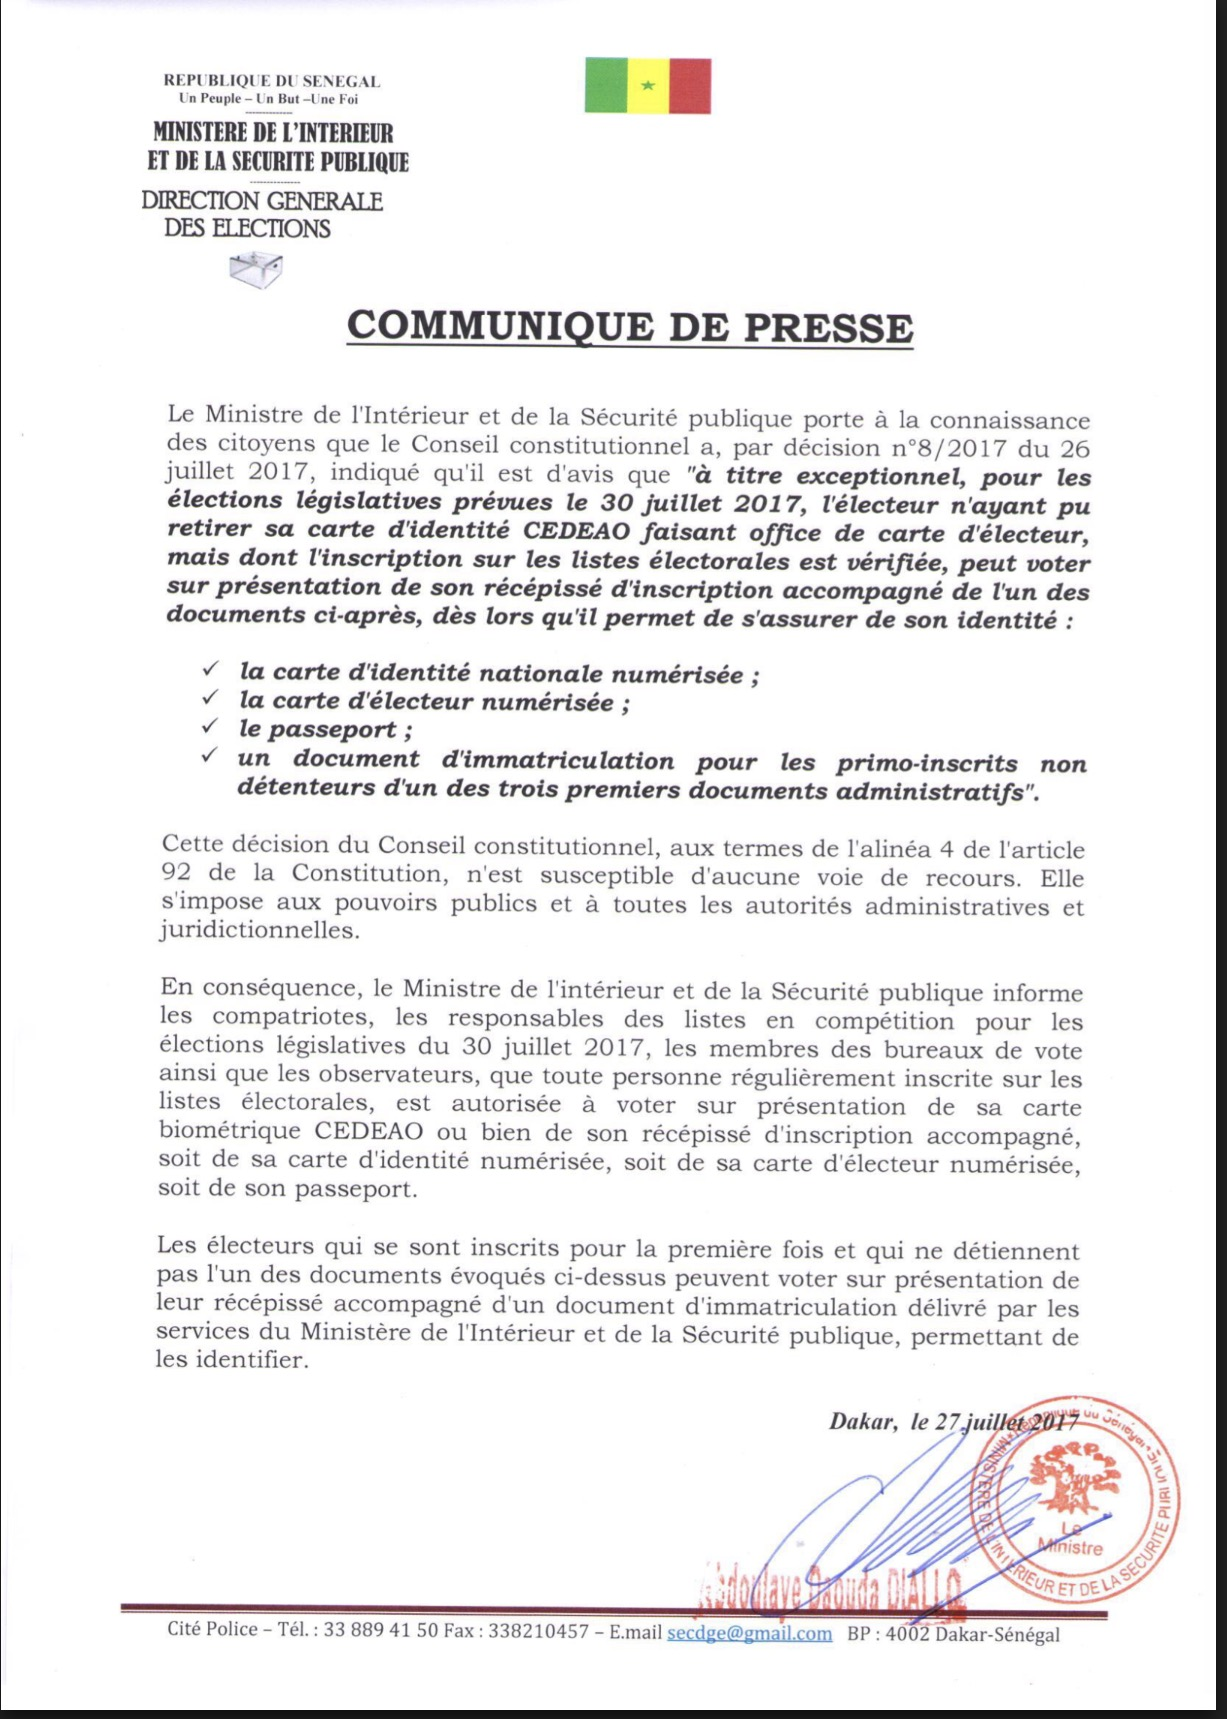 DÉCISION DU CONSEIL CONSTITUTIONNEL : Les précisions du ministère de l'Intérieur et de la Sécurité Publique (DOCUMENT)